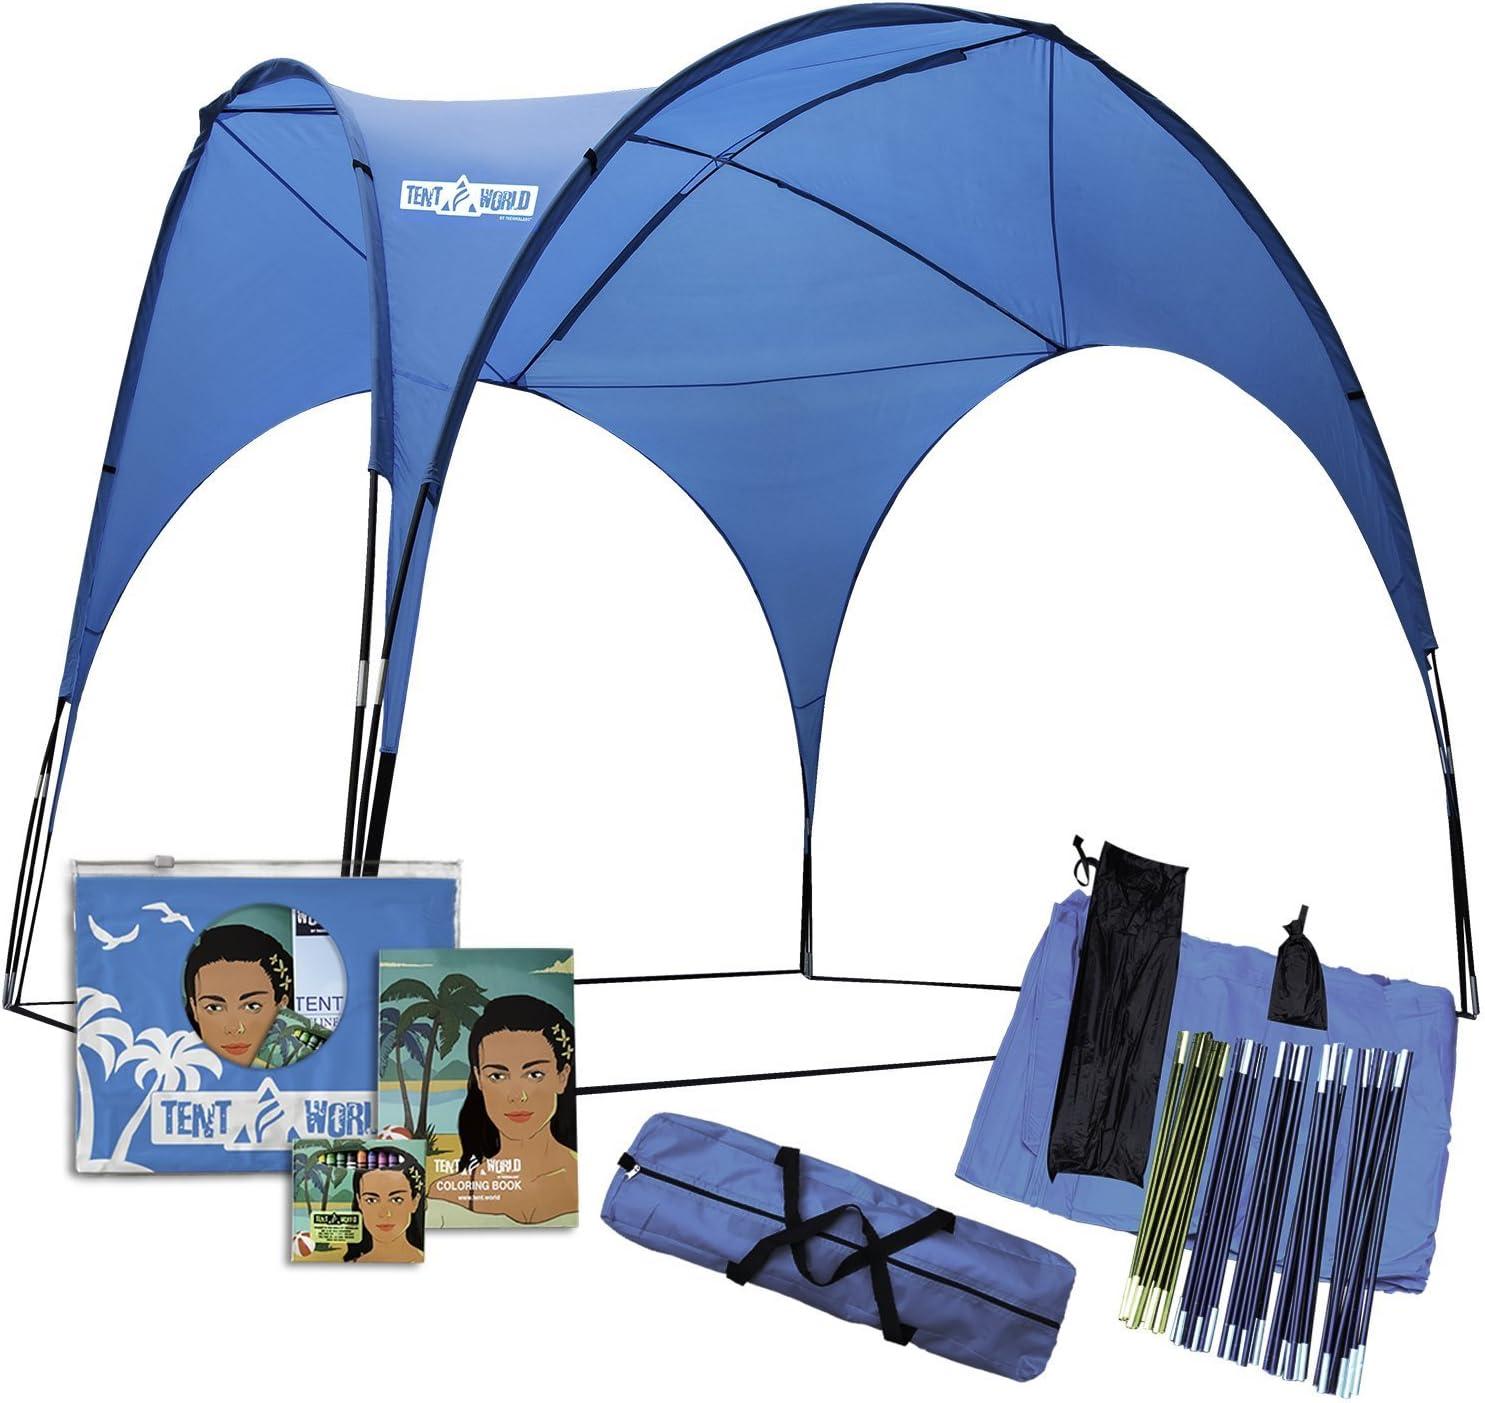 Abri De Plage Sun L Immense Tente à 3x3 M Offre Ombrage Pour 12 Personnes Cabane à Installation Rapide Pour Les Fêtes Avec Protection Uv Gazebo Auvent Bleu étanche Pour Utilisation